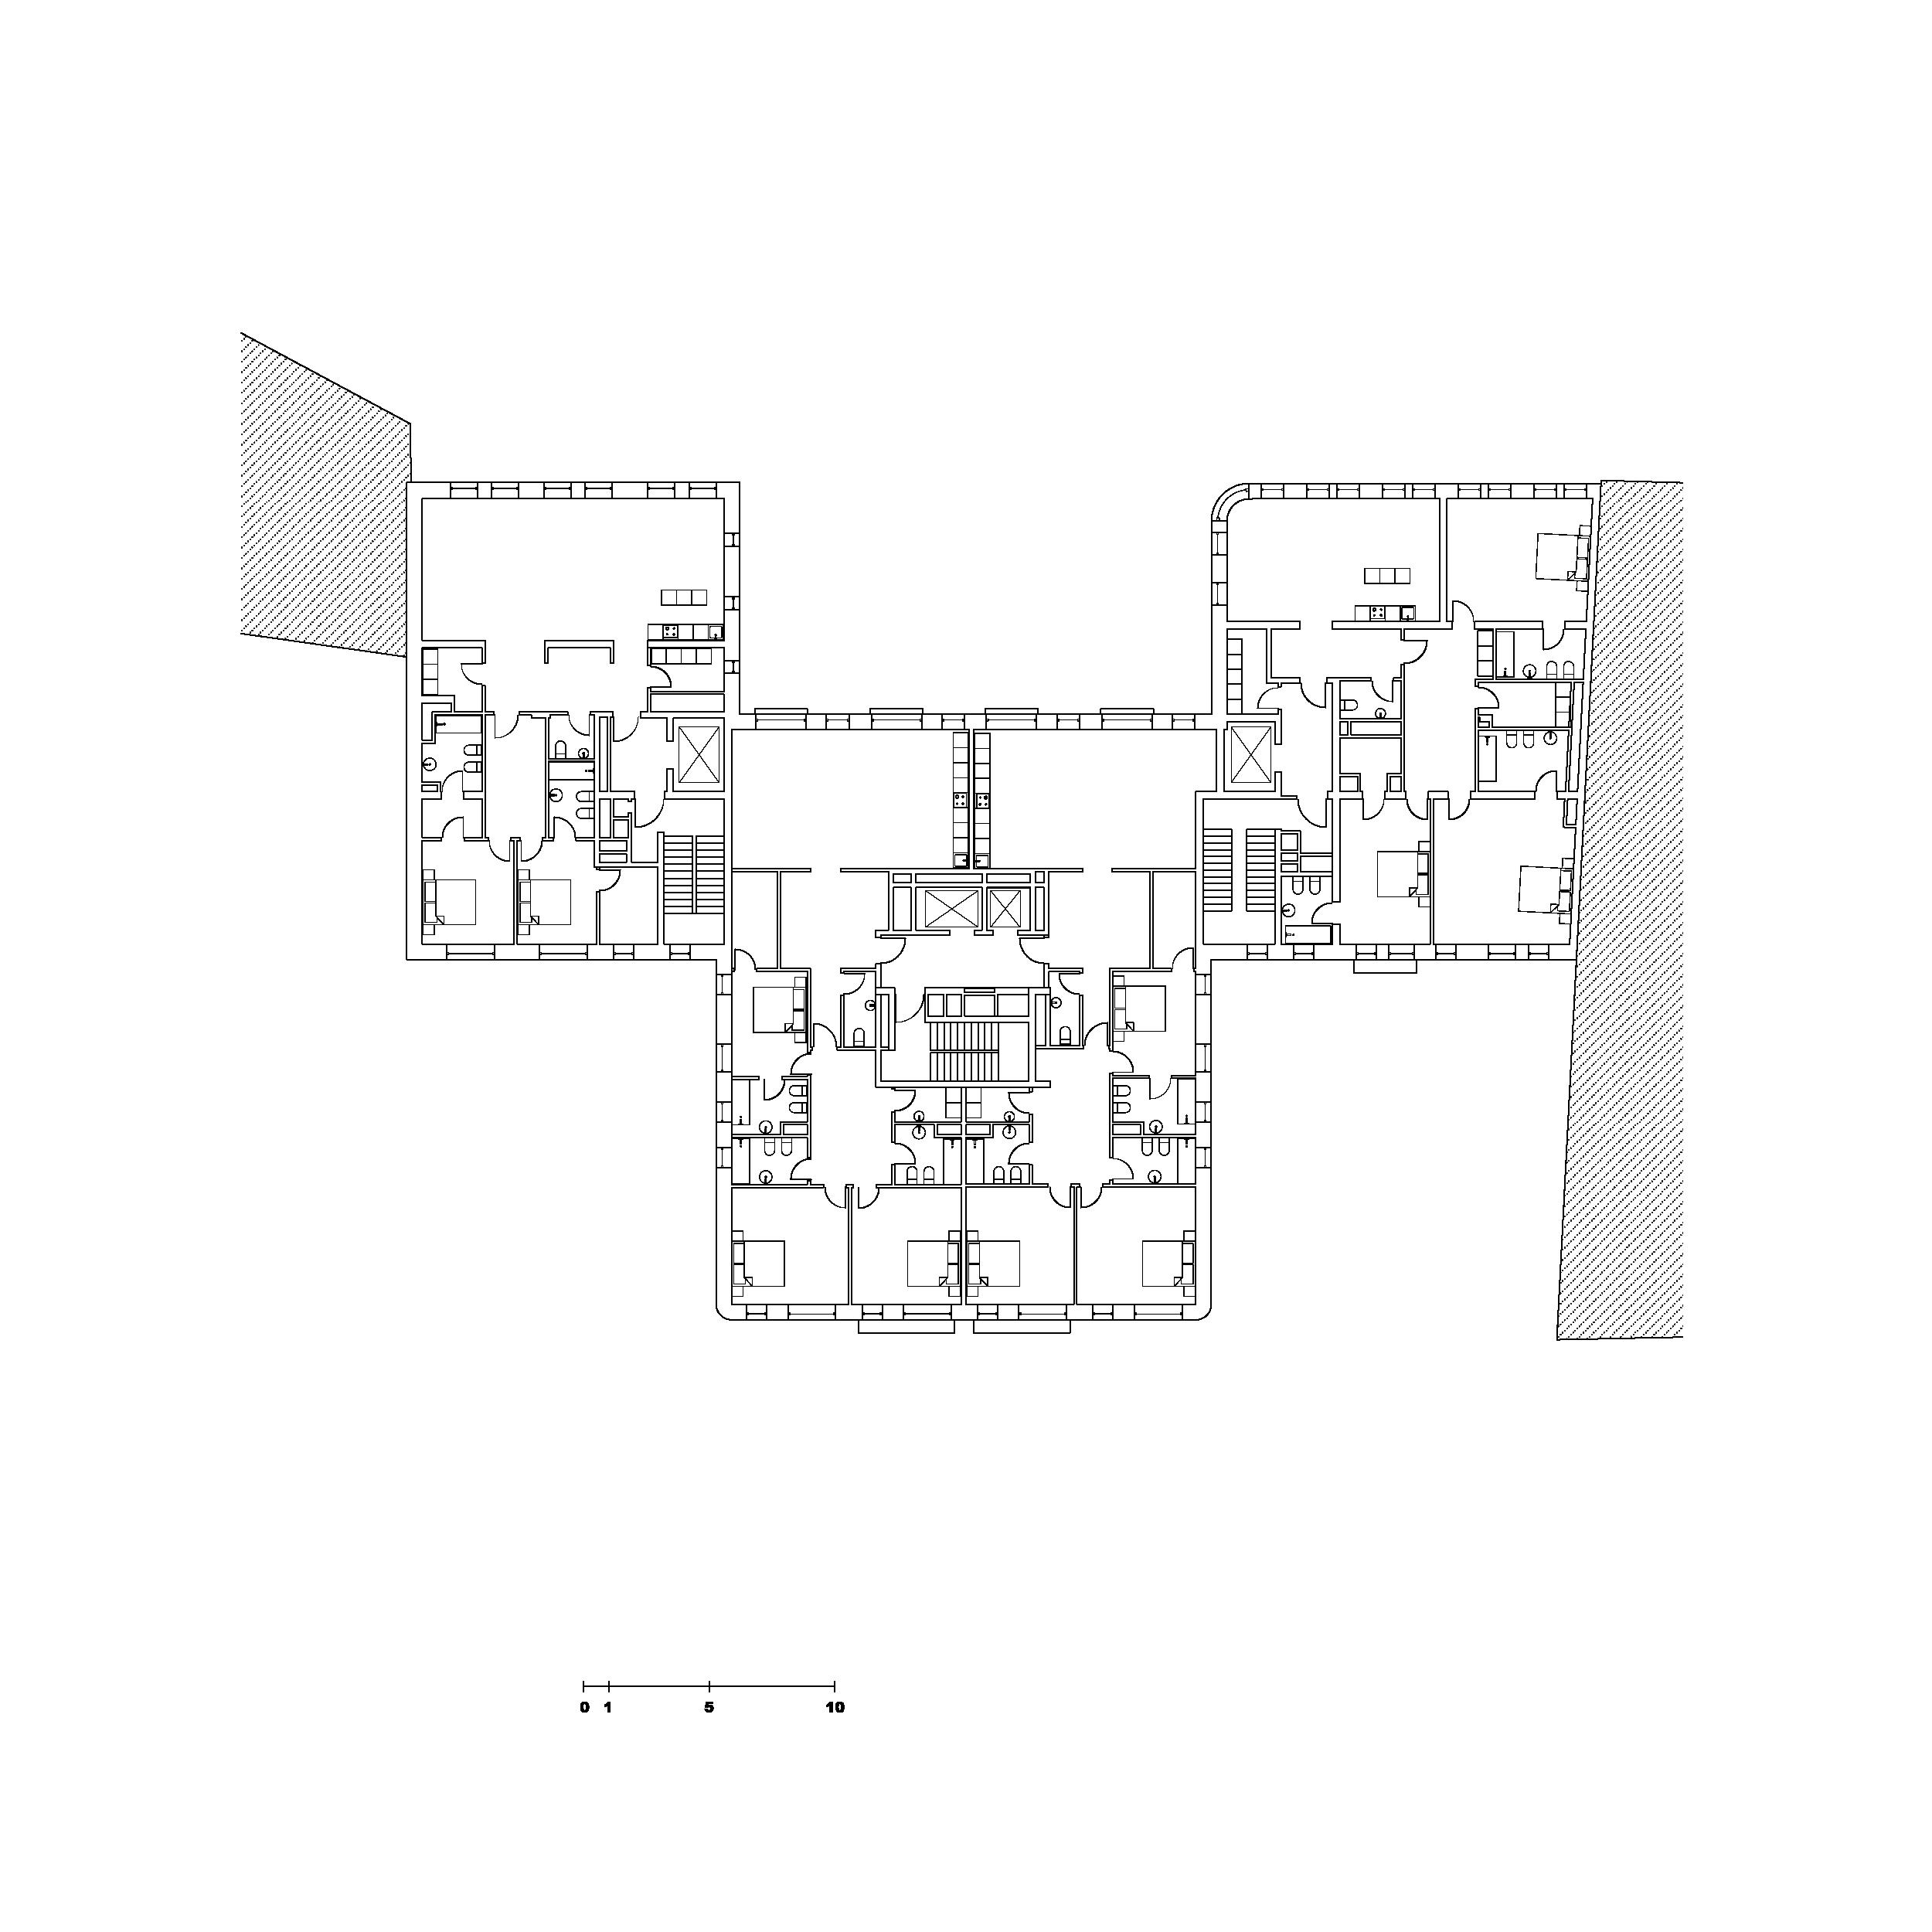 2-3 floor plan